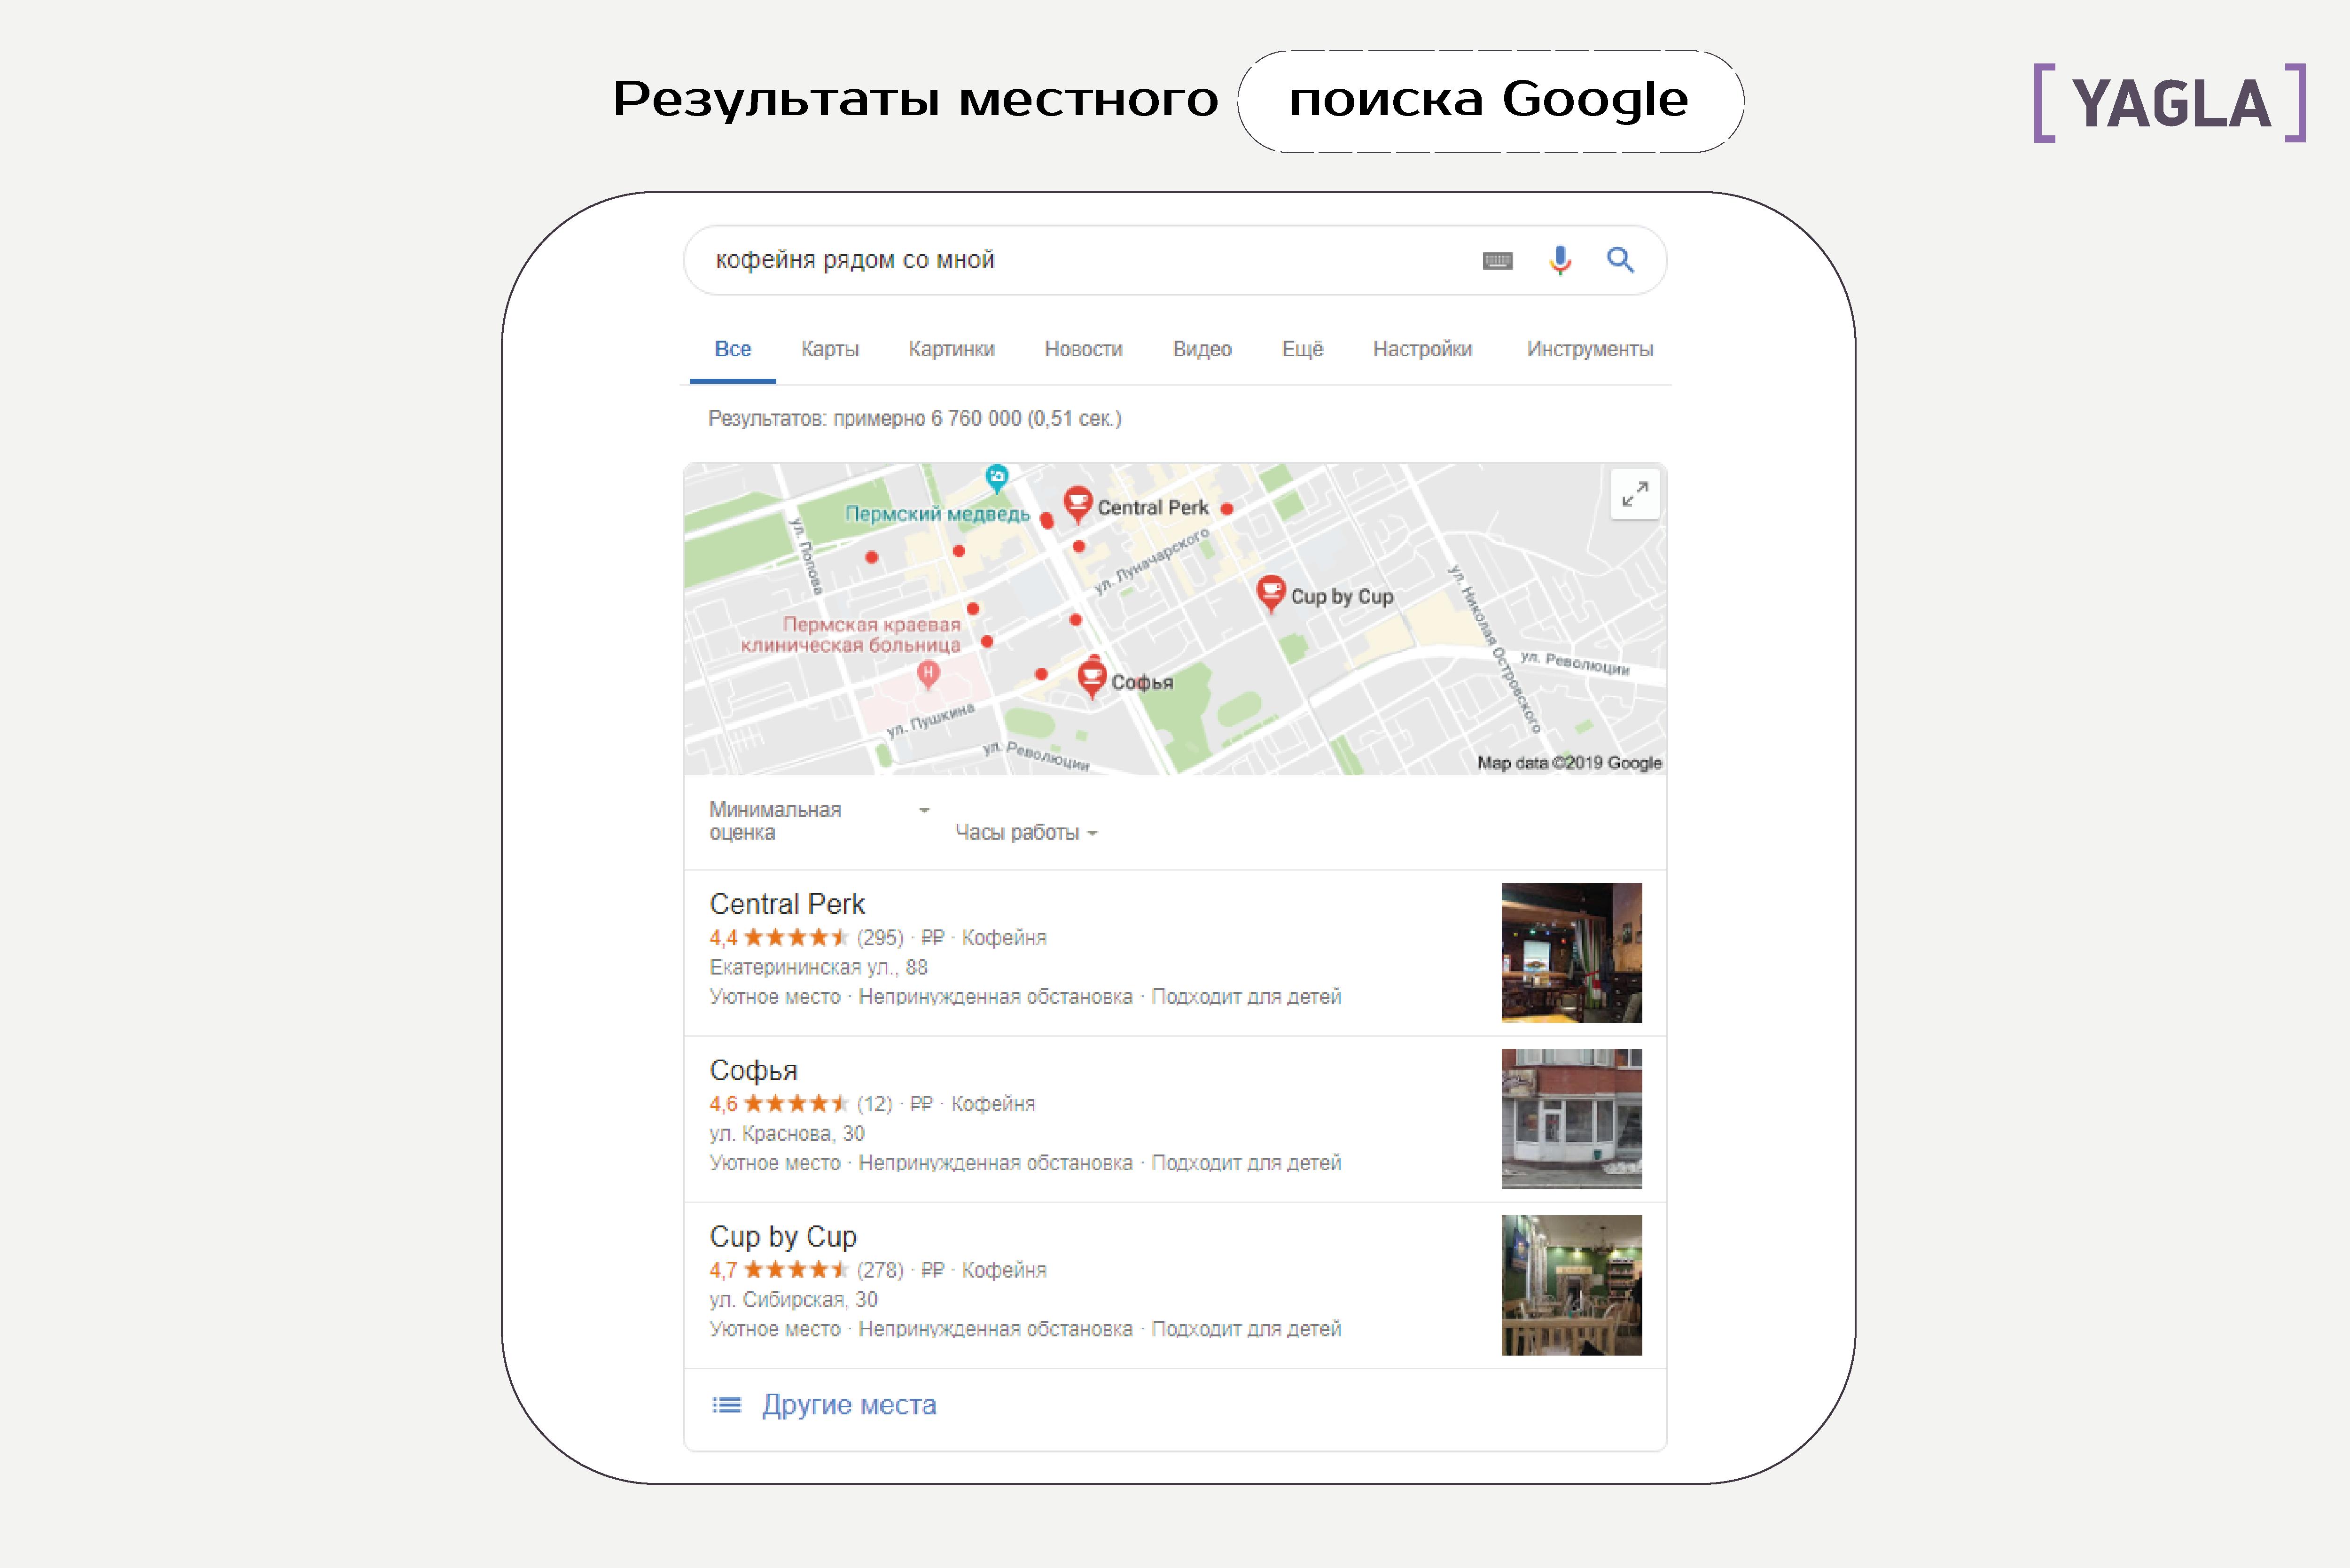 Результаты местного поиска Google